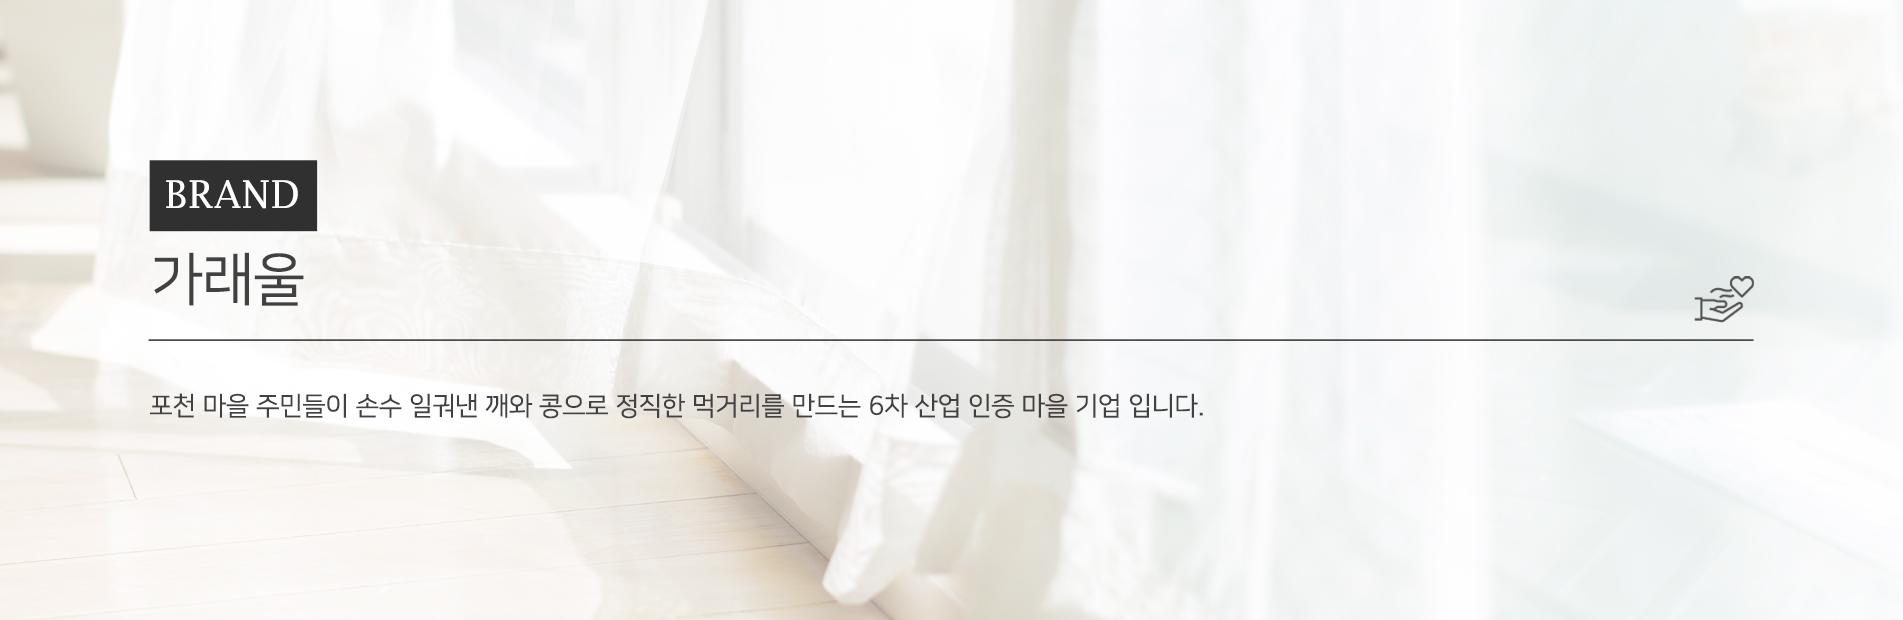 30밀리스토어 소셜가 가래울 소개